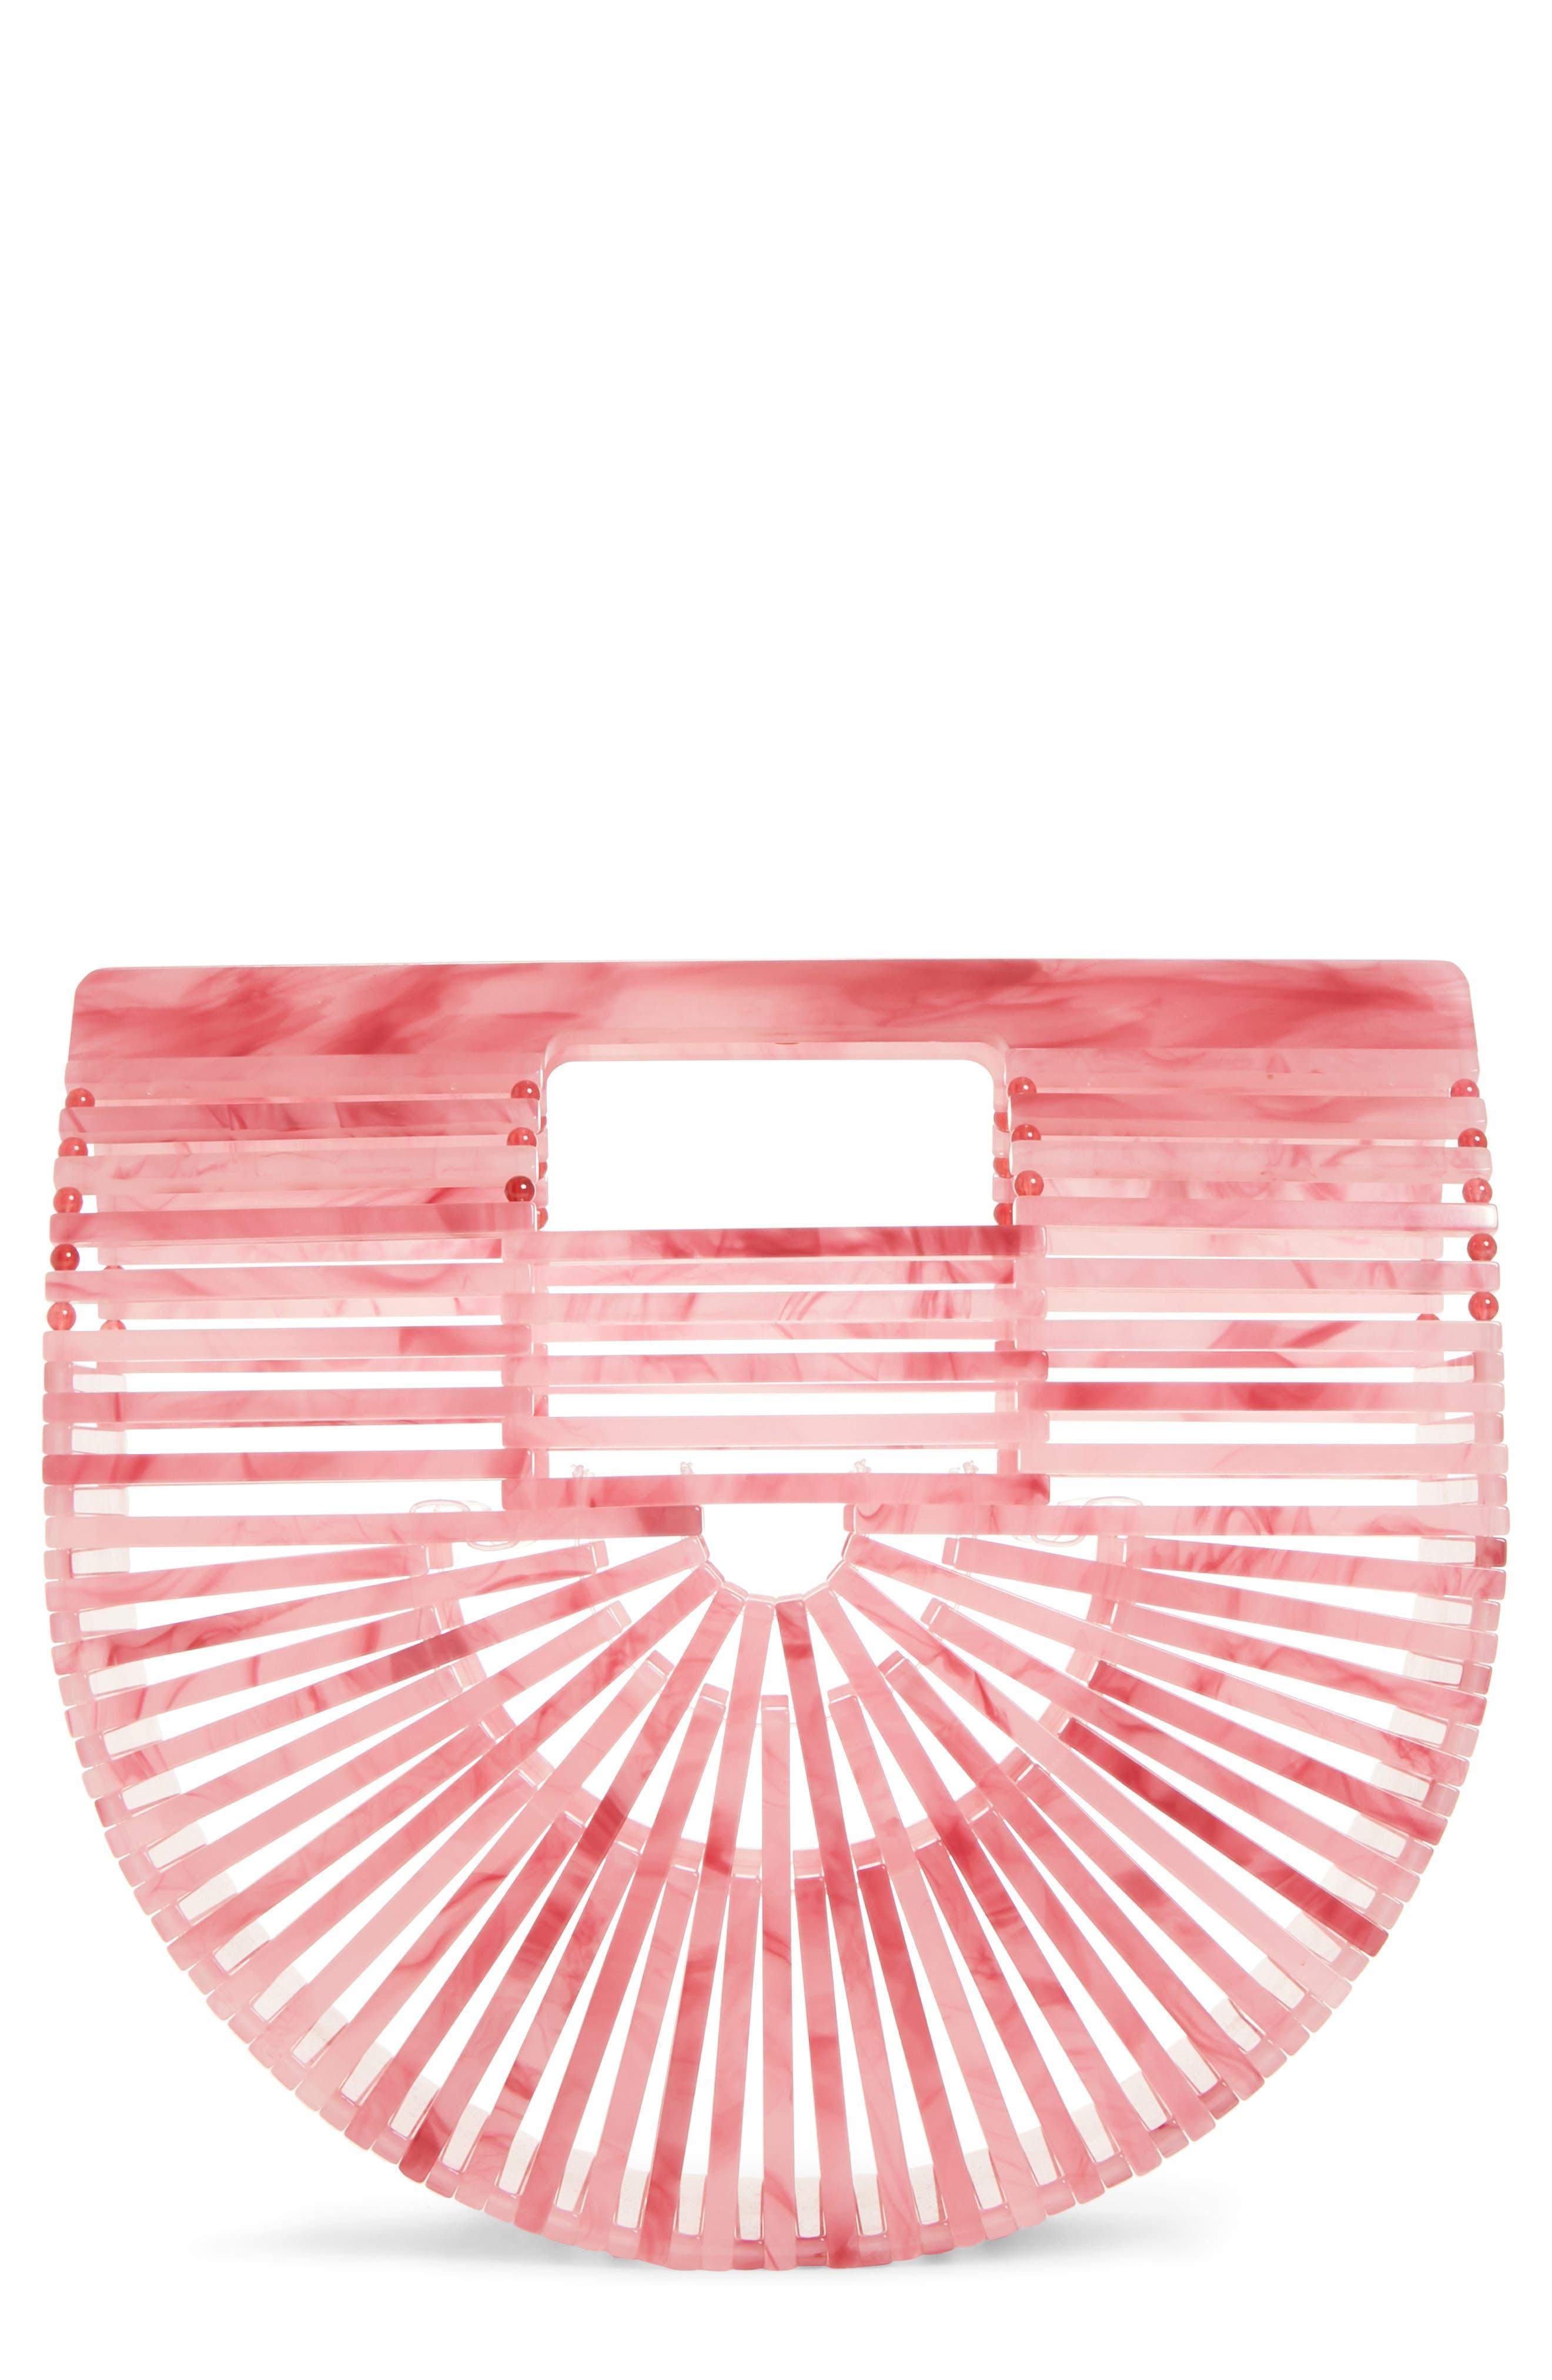 CULT GAIA Mini Ark Handbag, Main, color, CHQ CHERRY QUARTZ